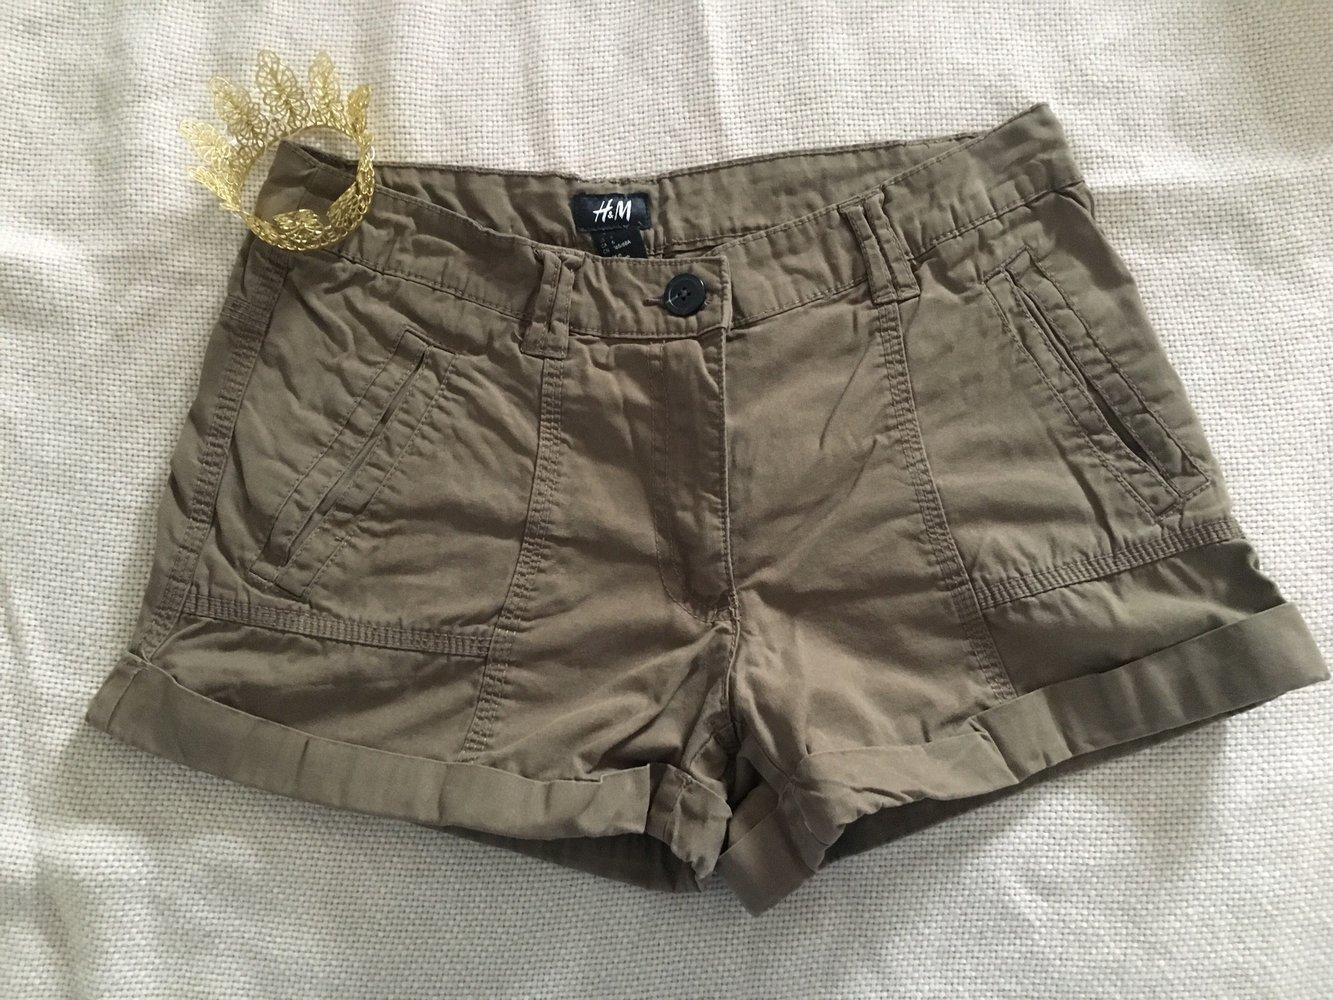 Shorts Khaki Kurze 36HotpantsGrünTarnfarbenDunkelgrünHose In Kurze wkPOn0